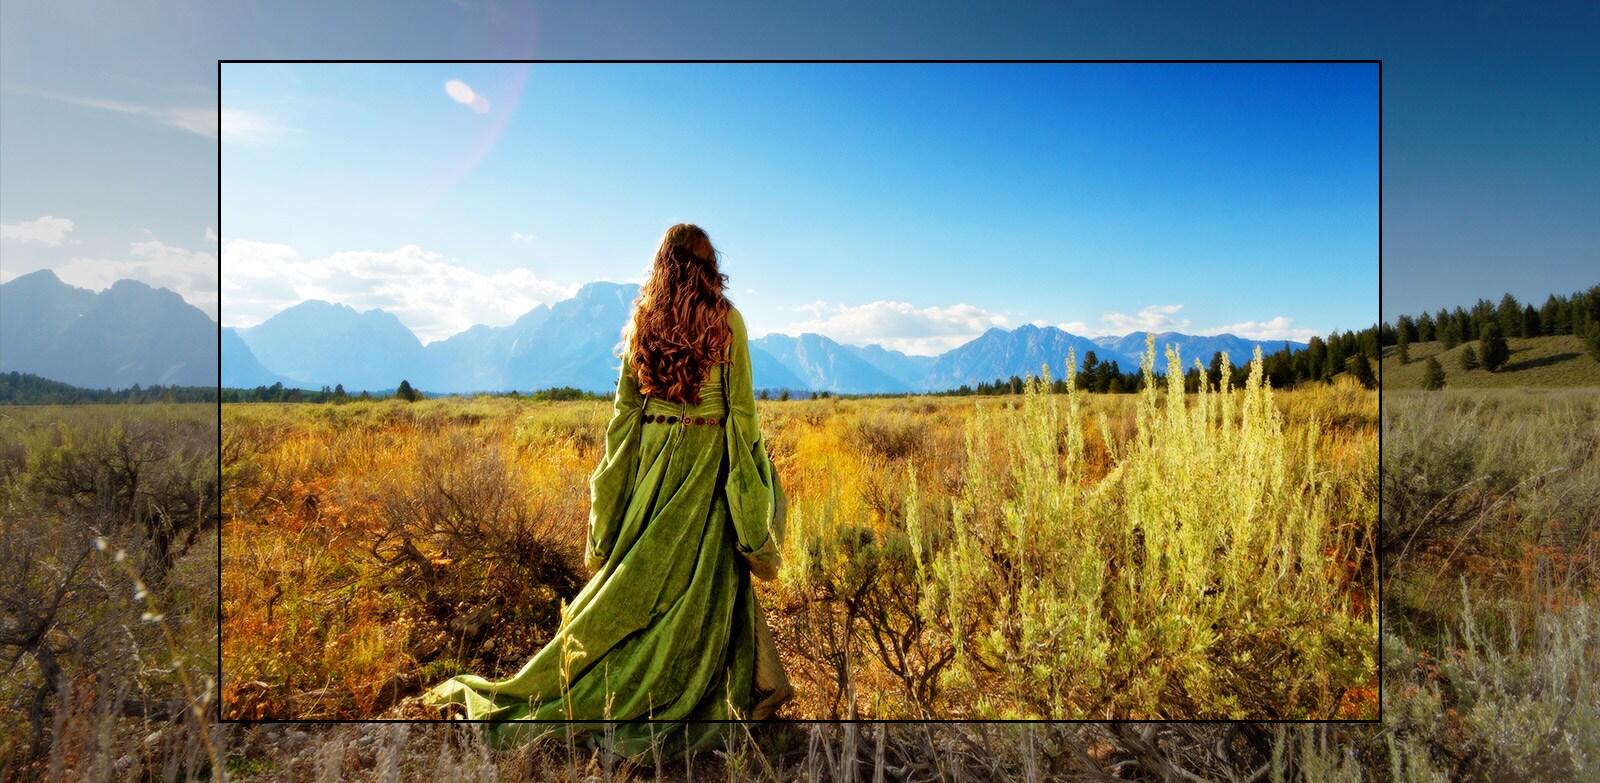 TV zaslon koji prikazuje scenu iz fantastičnog filma u kojem žena stoji u polju i gleda planine.